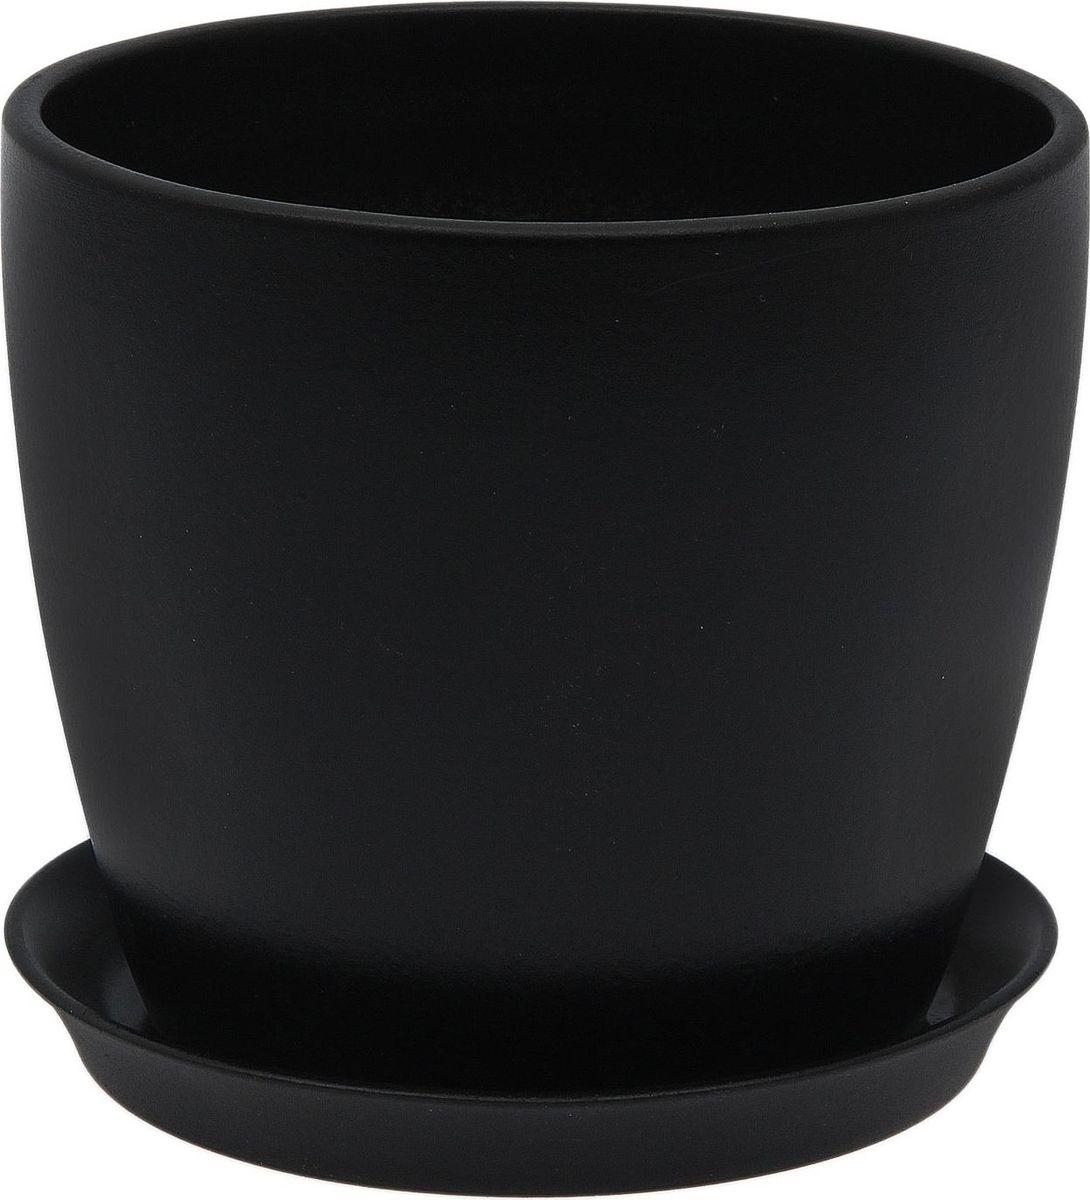 Кашпо Керамика ручной работы Осень. Лак, цвет: черный, 2 л1968855Комнатные растения — всеобщие любимцы. Они радуют глаз, насыщают помещение кислородом и украшают пространство. Каждому из них необходим свой удобный и красивый дом. Кашпо из керамики прекрасно подходят для высадки растений: за счет пластичности глины и разных способов обработки существует великое множество форм и дизайнов пористый материал позволяет испаряться лишней влаге воздух, необходимый для дыхания корней, проникает сквозь керамические стенки! позаботится о зеленом питомце, освежит интерьер и подчеркнет его стиль.